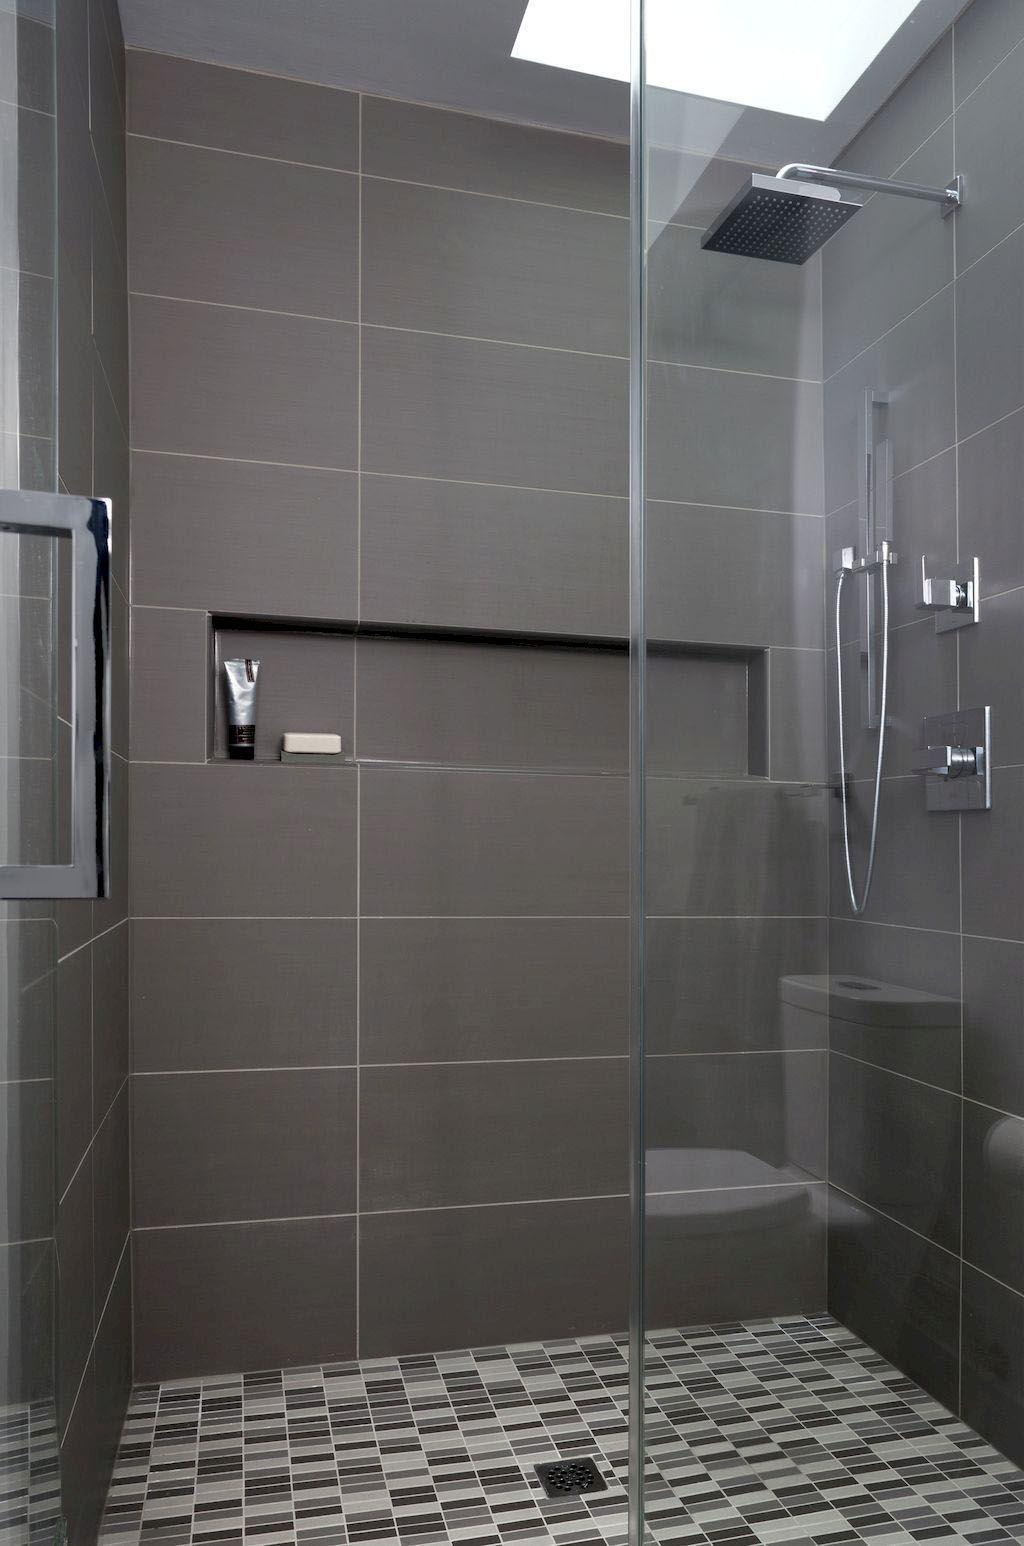 Amazing Small 4 Piece Bathroom Ideas One And Only Interioropedia Com Small4piecebathroom Small4piecebathroomdesi With Images Bathroom Design Small Modern Elegant Bathroom